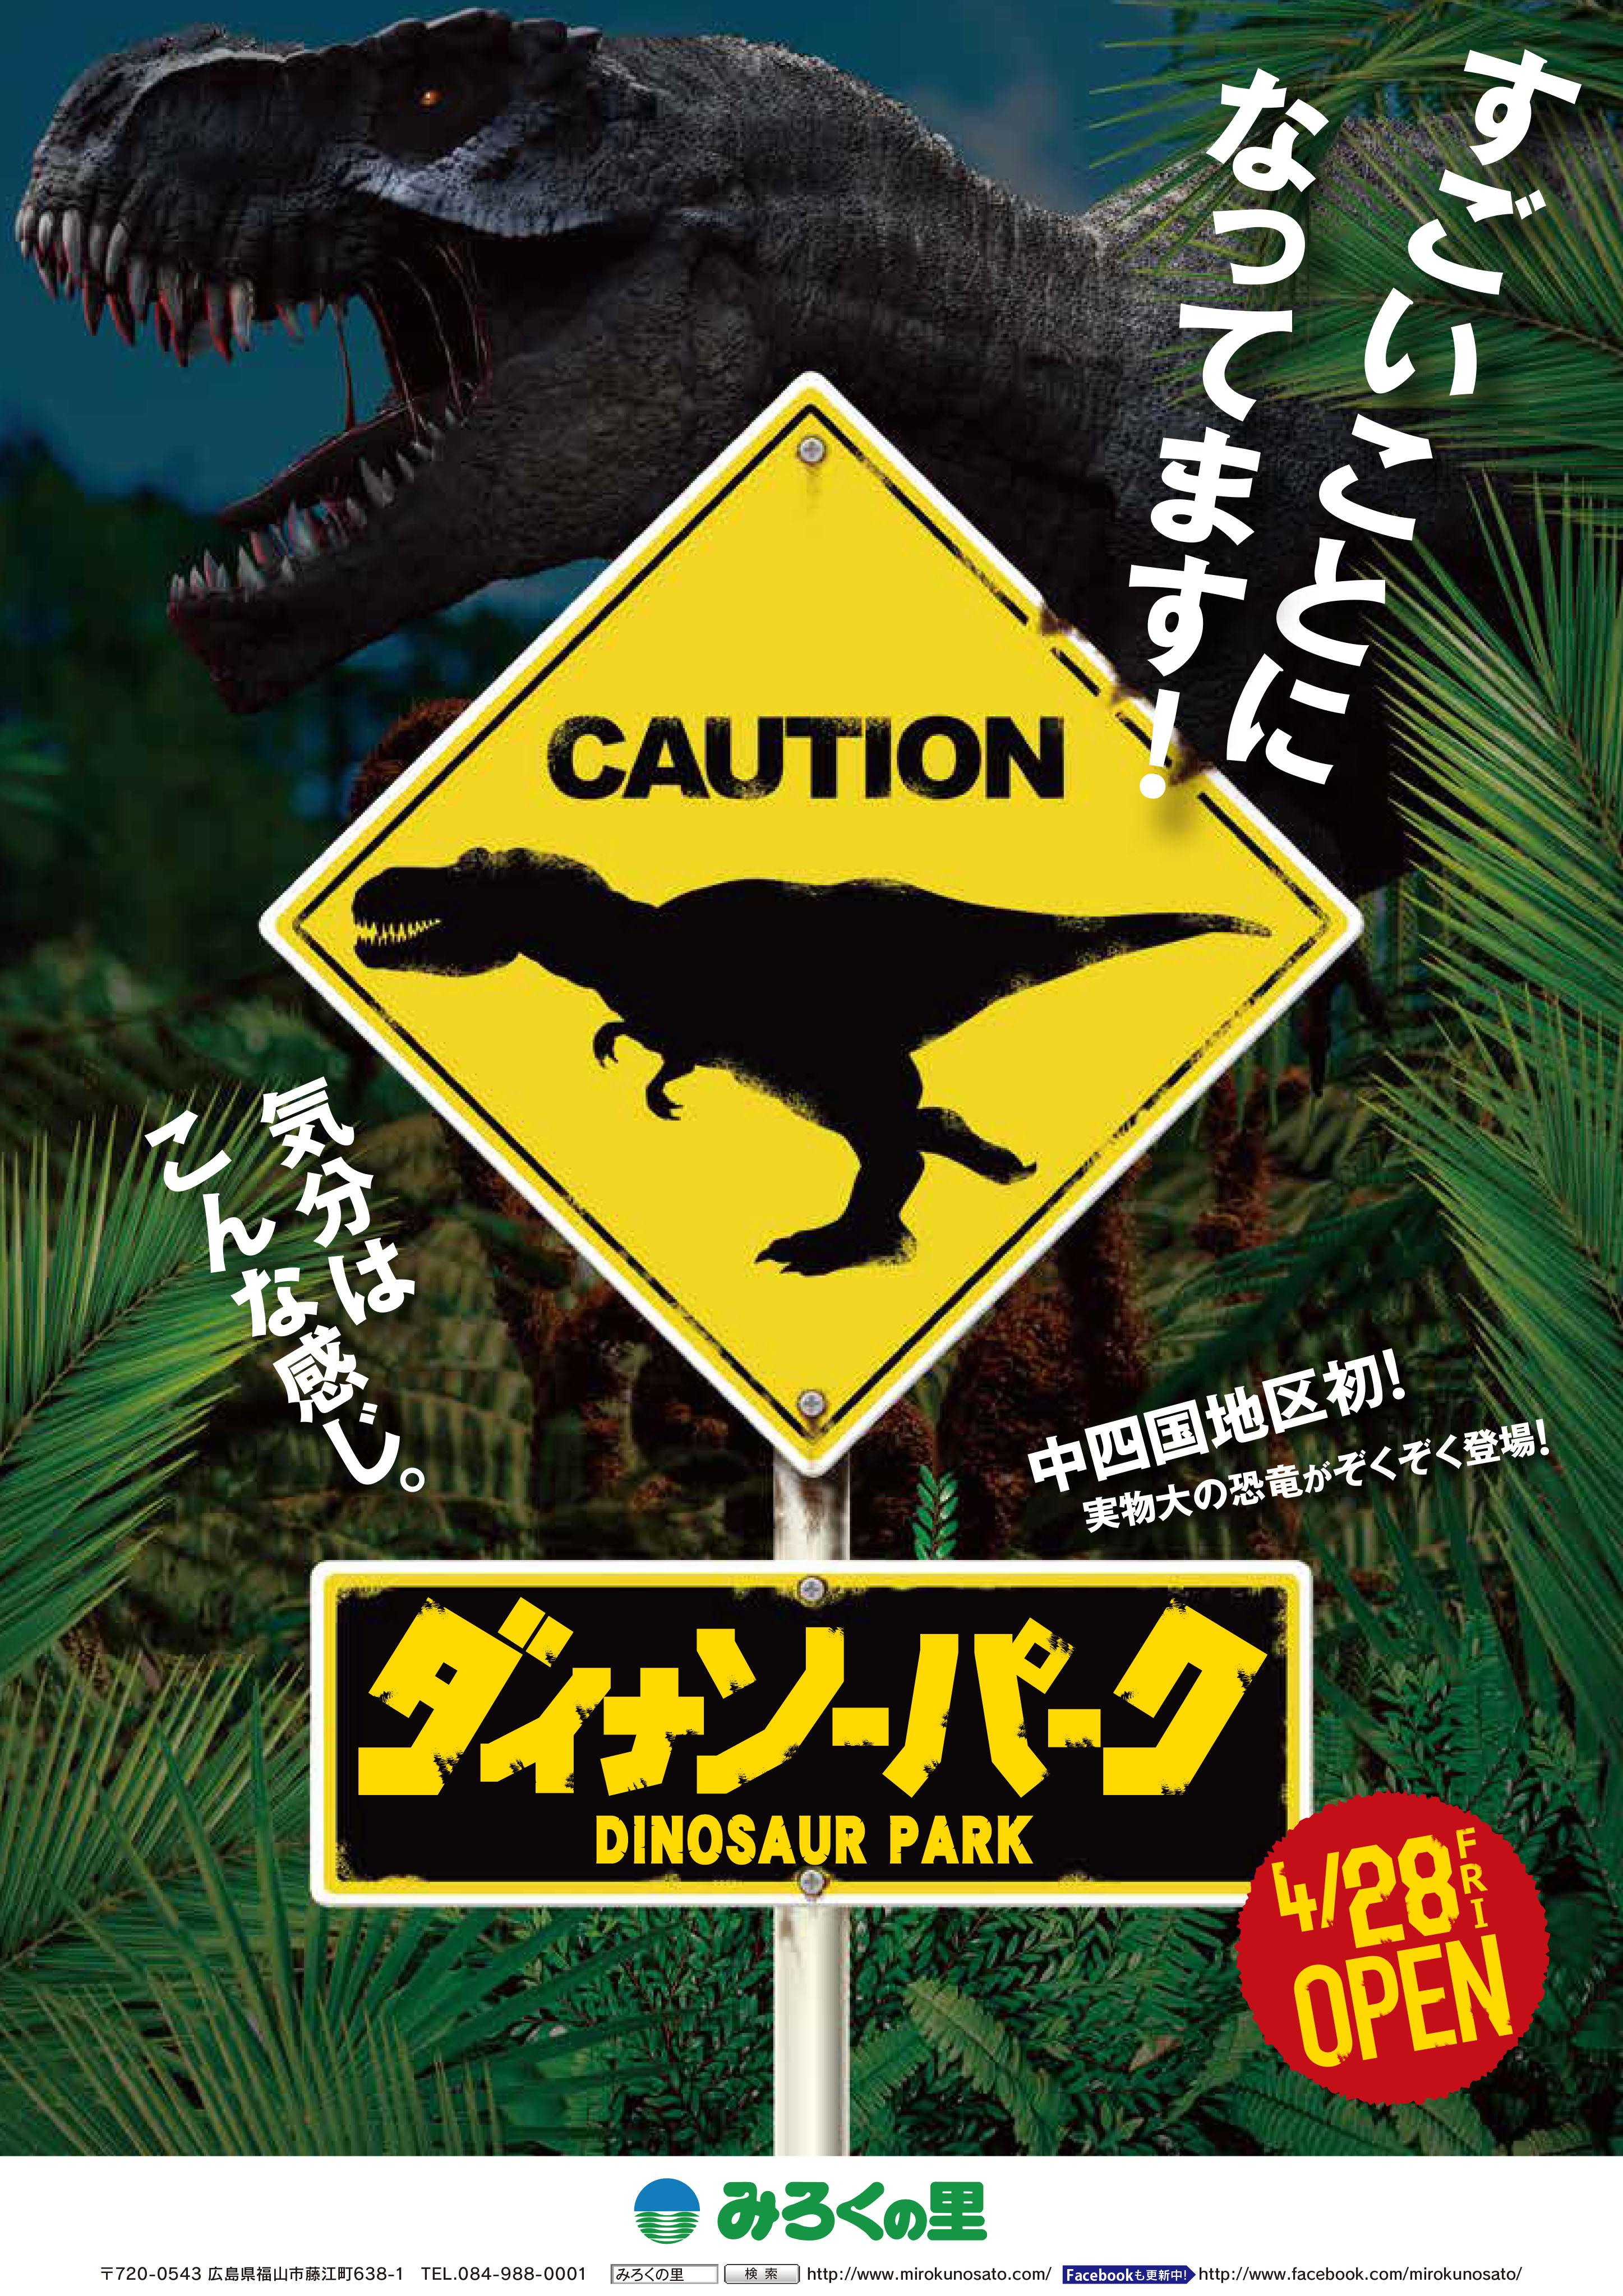 巨大恐竜が生息する遊園地!? 実物大の恐竜20体が動き、吠える! 「ダイナソーパーク」4/28オープン!!~みろくの里~